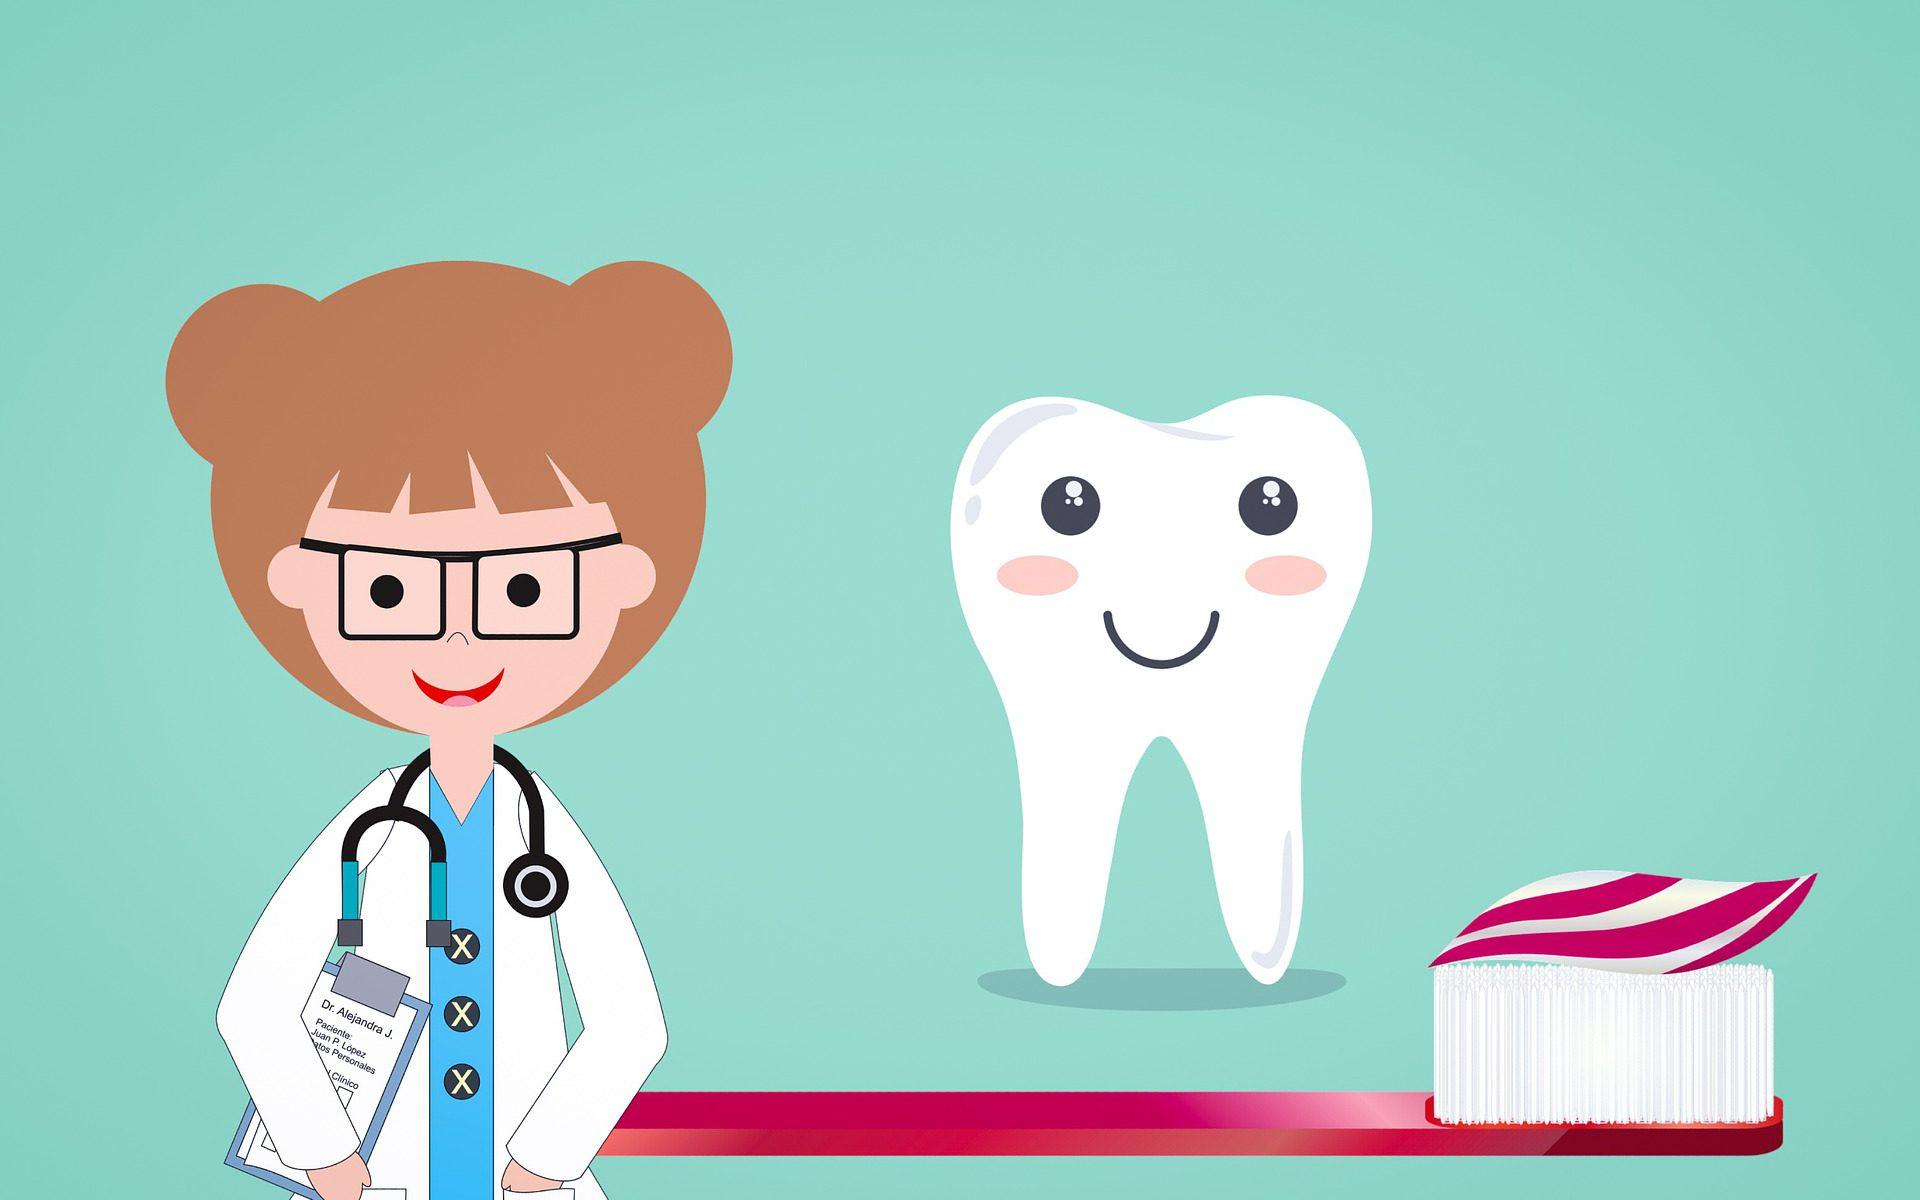 טיפולי שיניים לילדים למה חשוב לטפל בגיל מוקדם